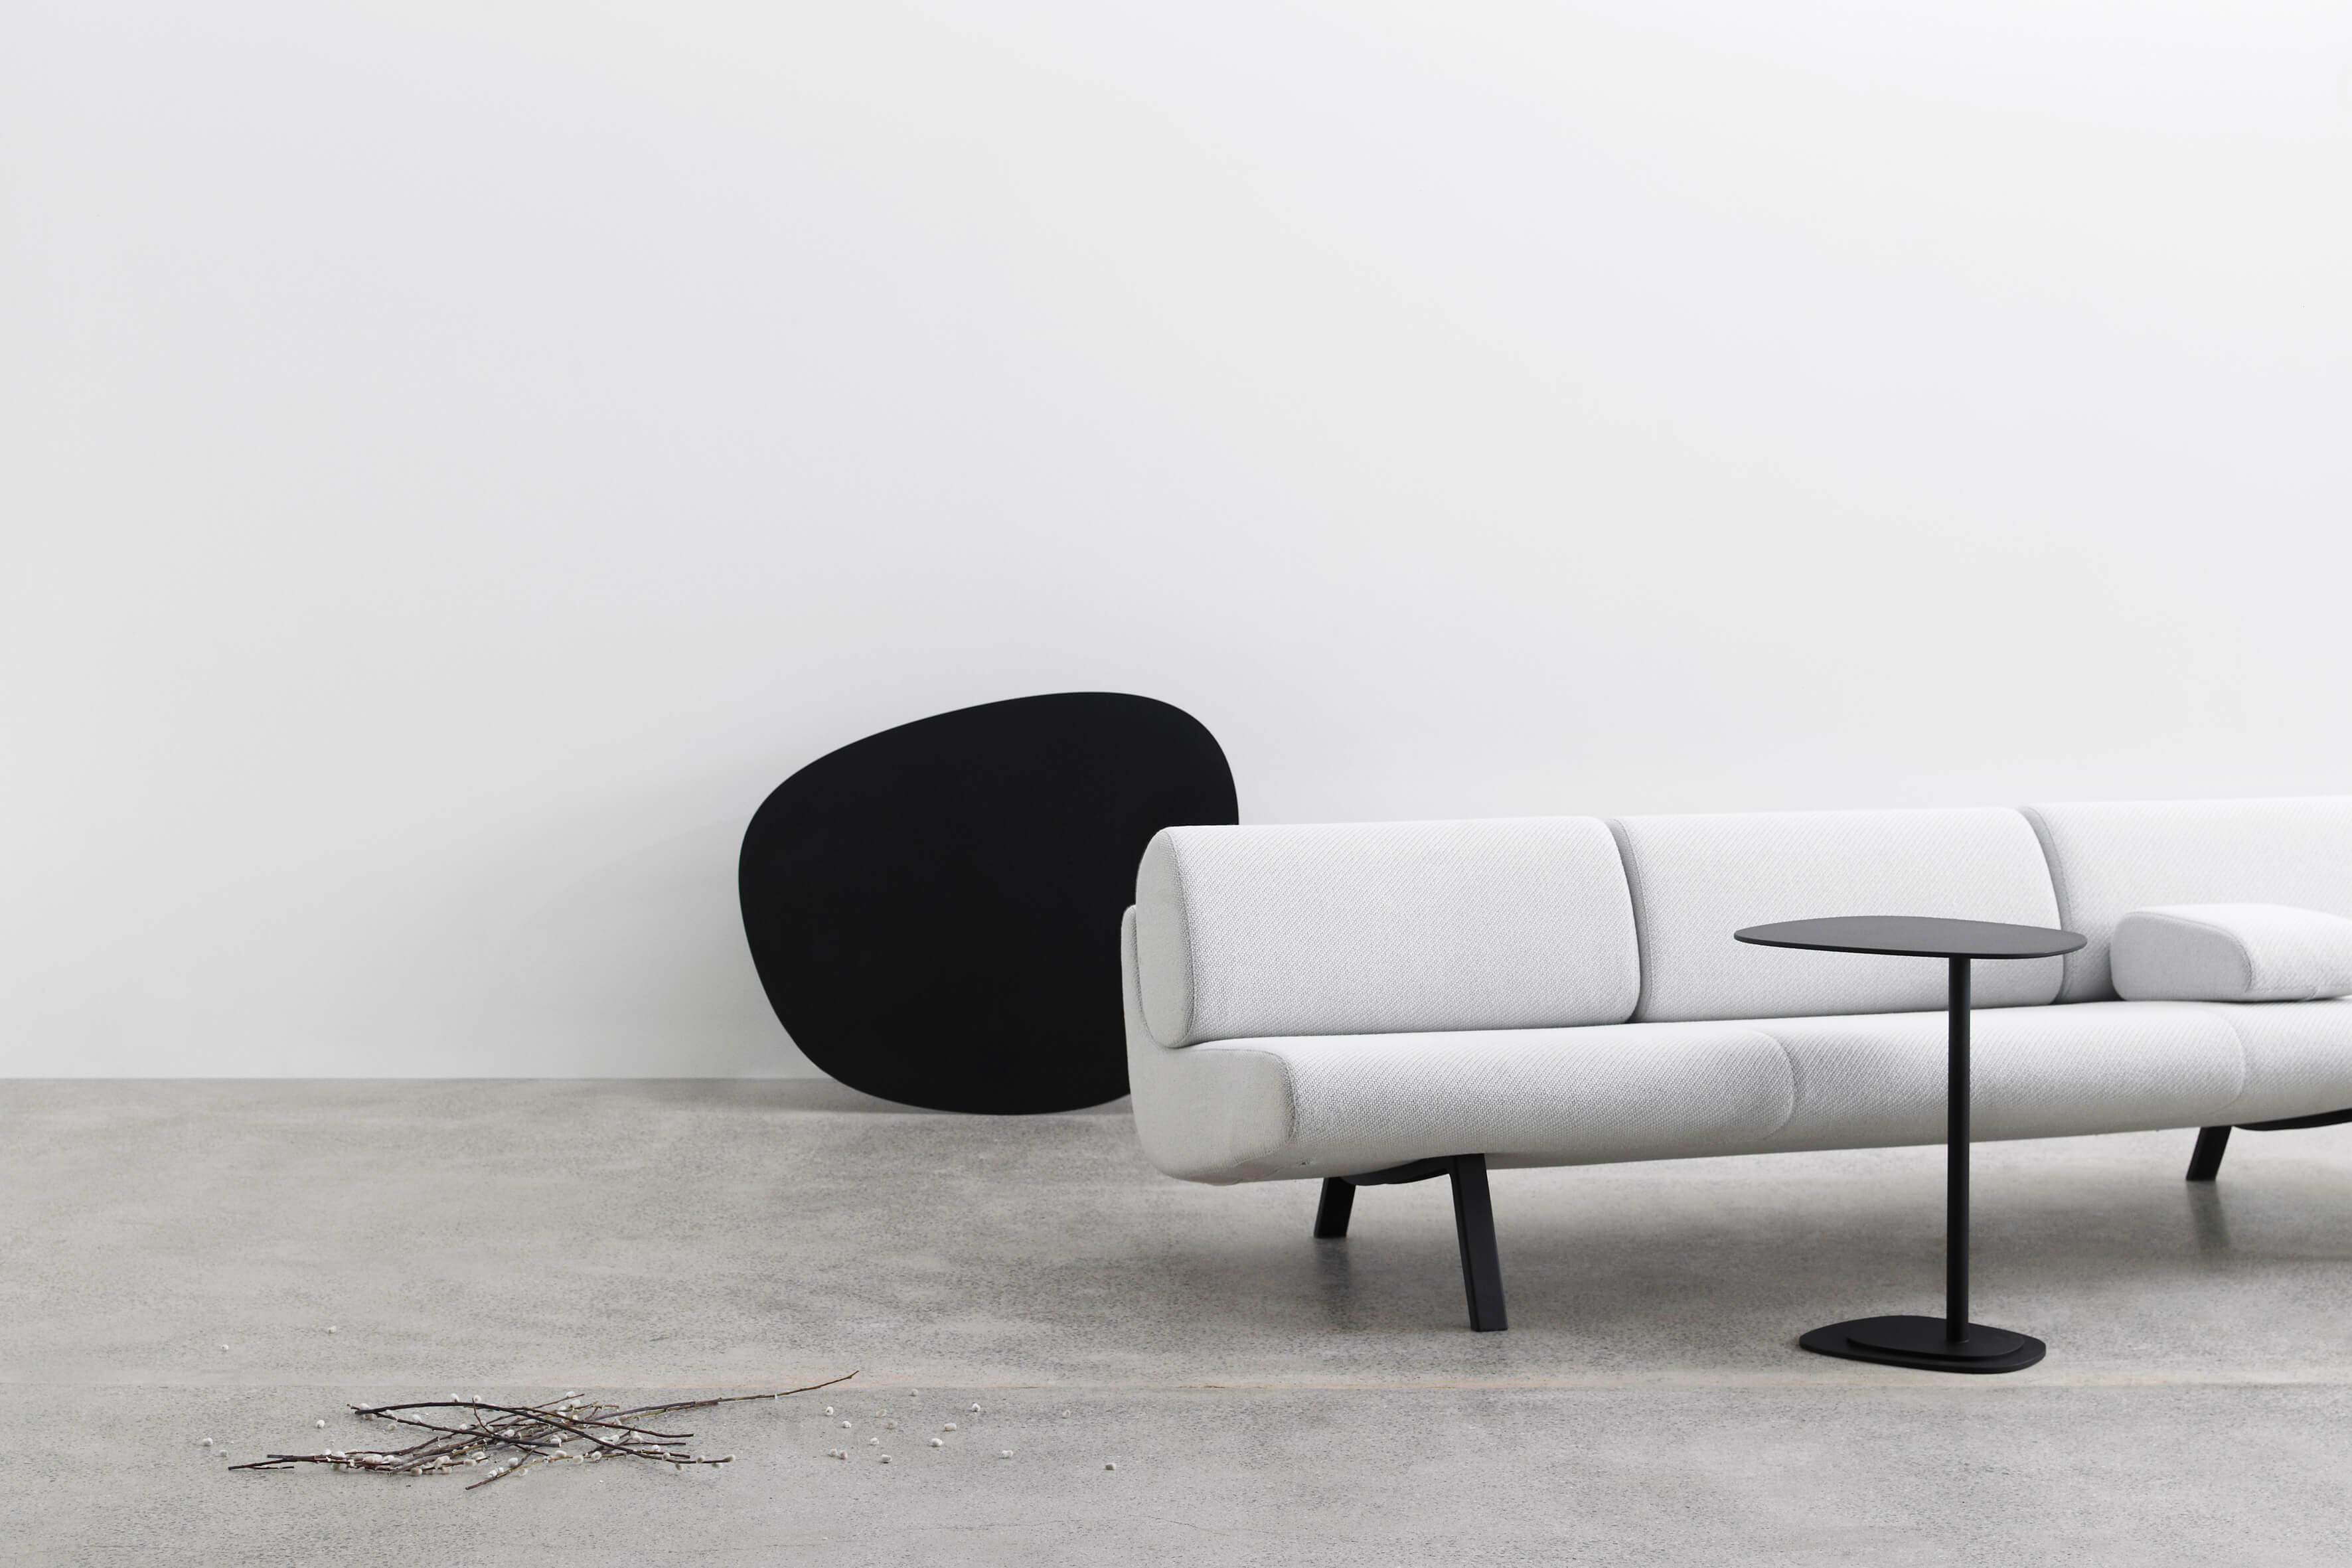 Sofa fra Erik Jørgensen og Insula bord